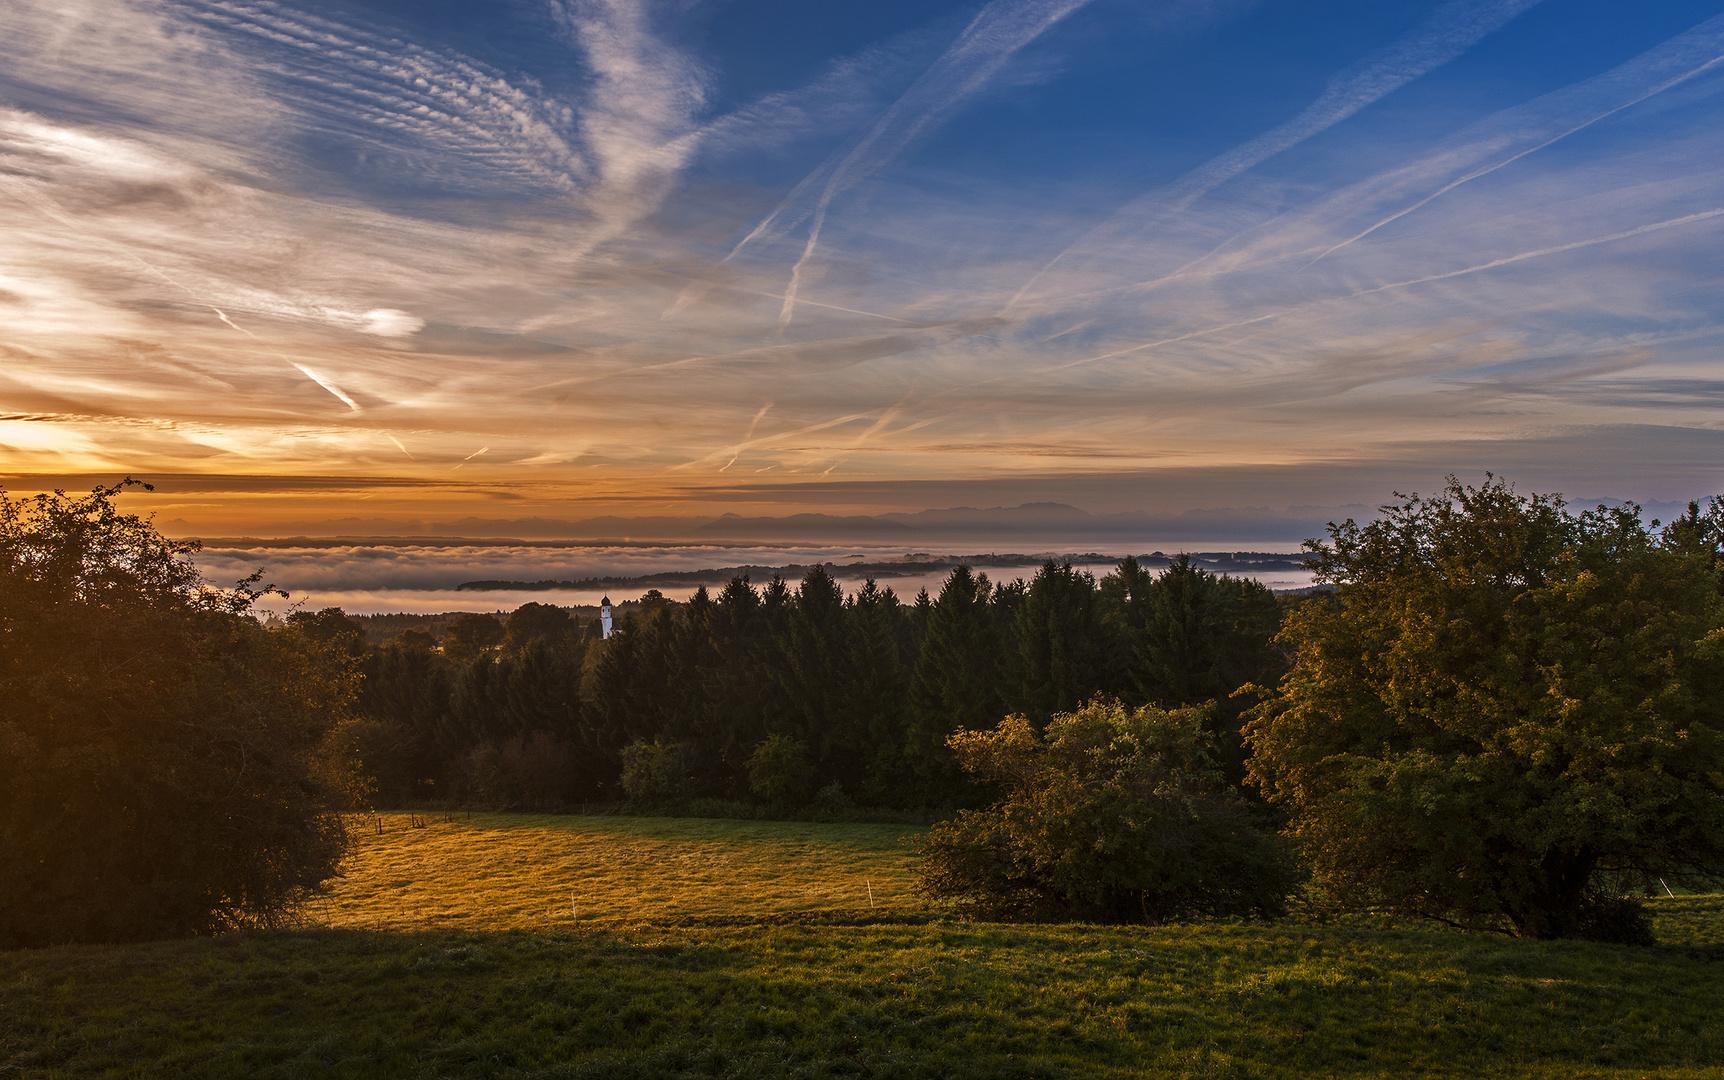 Der Tag kommt - Ilkahöhe mit Blick auf den Starnberger See